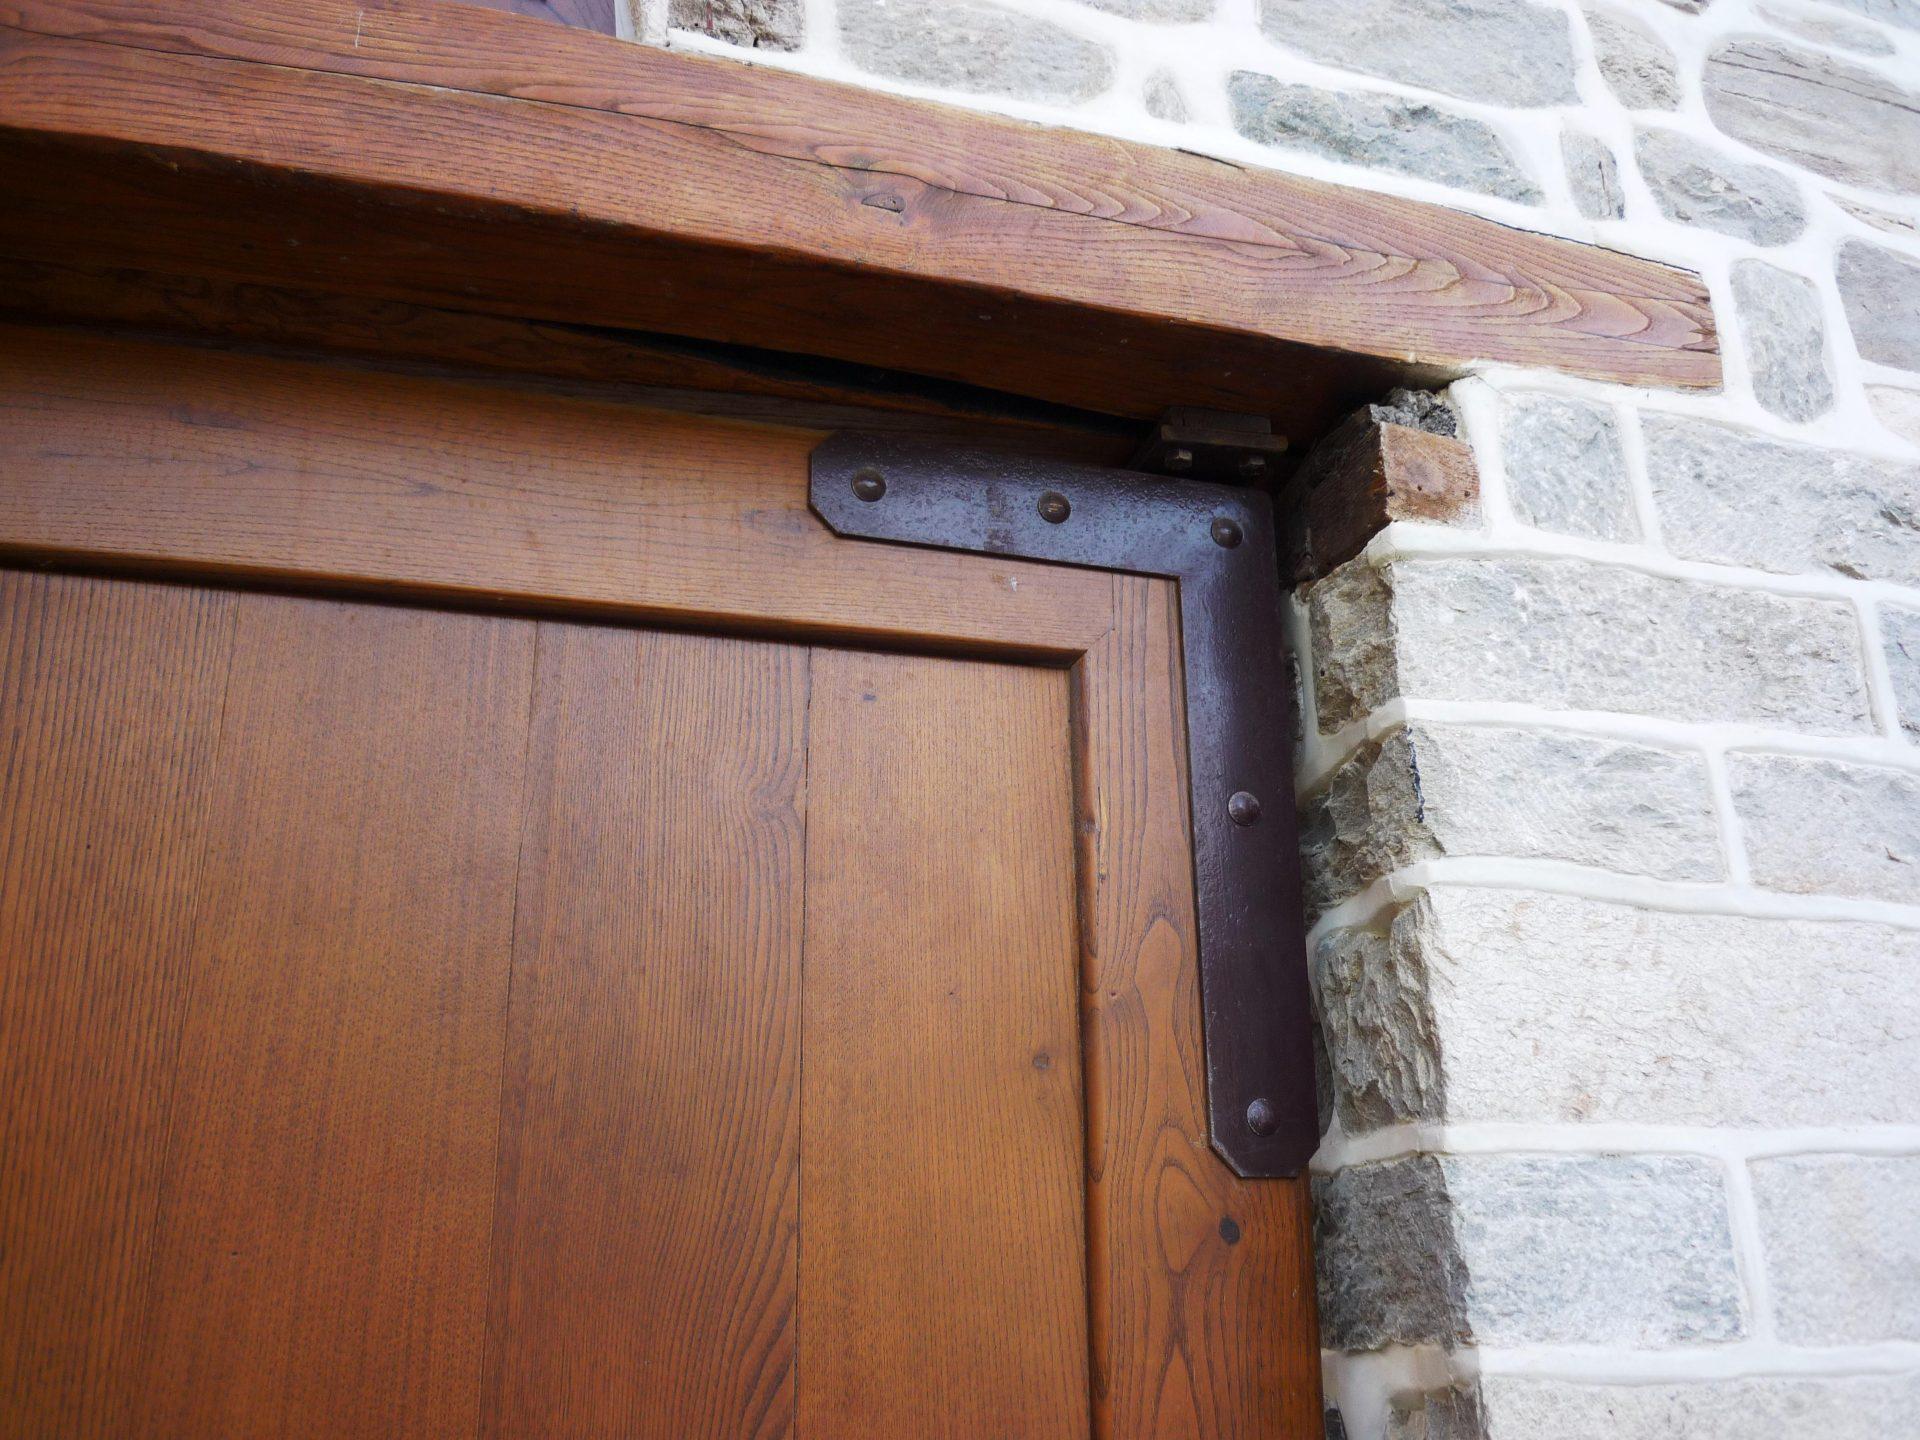 Μεντεσέδες ξύλινης αυλόπορτας ειδικής κατασκευής